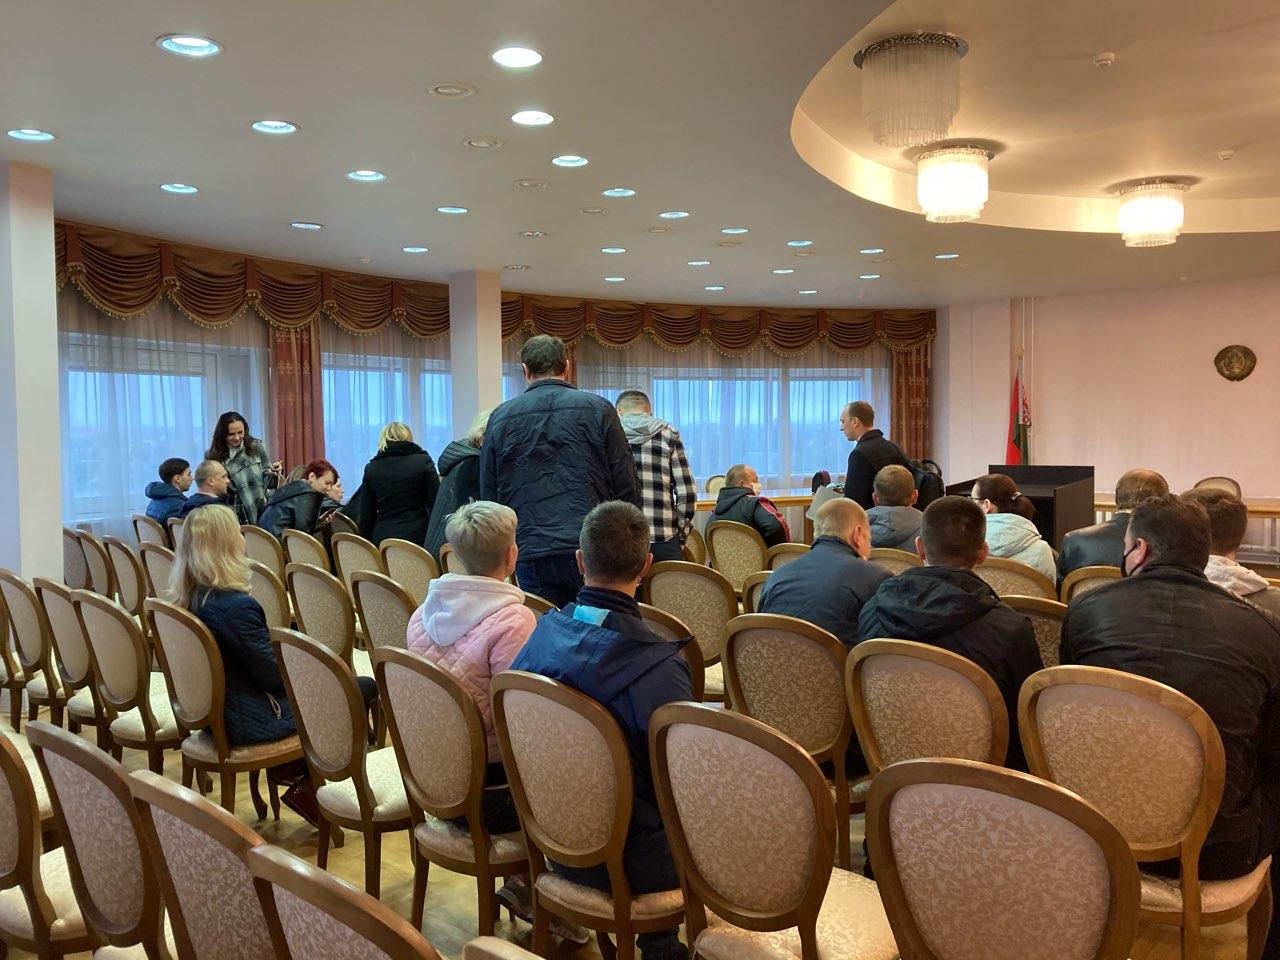 Заявители ждут начала судебного заседания в конференц-зале. Остальные слушатели ожидают в коридоре. Фото: Ирина КОМИК